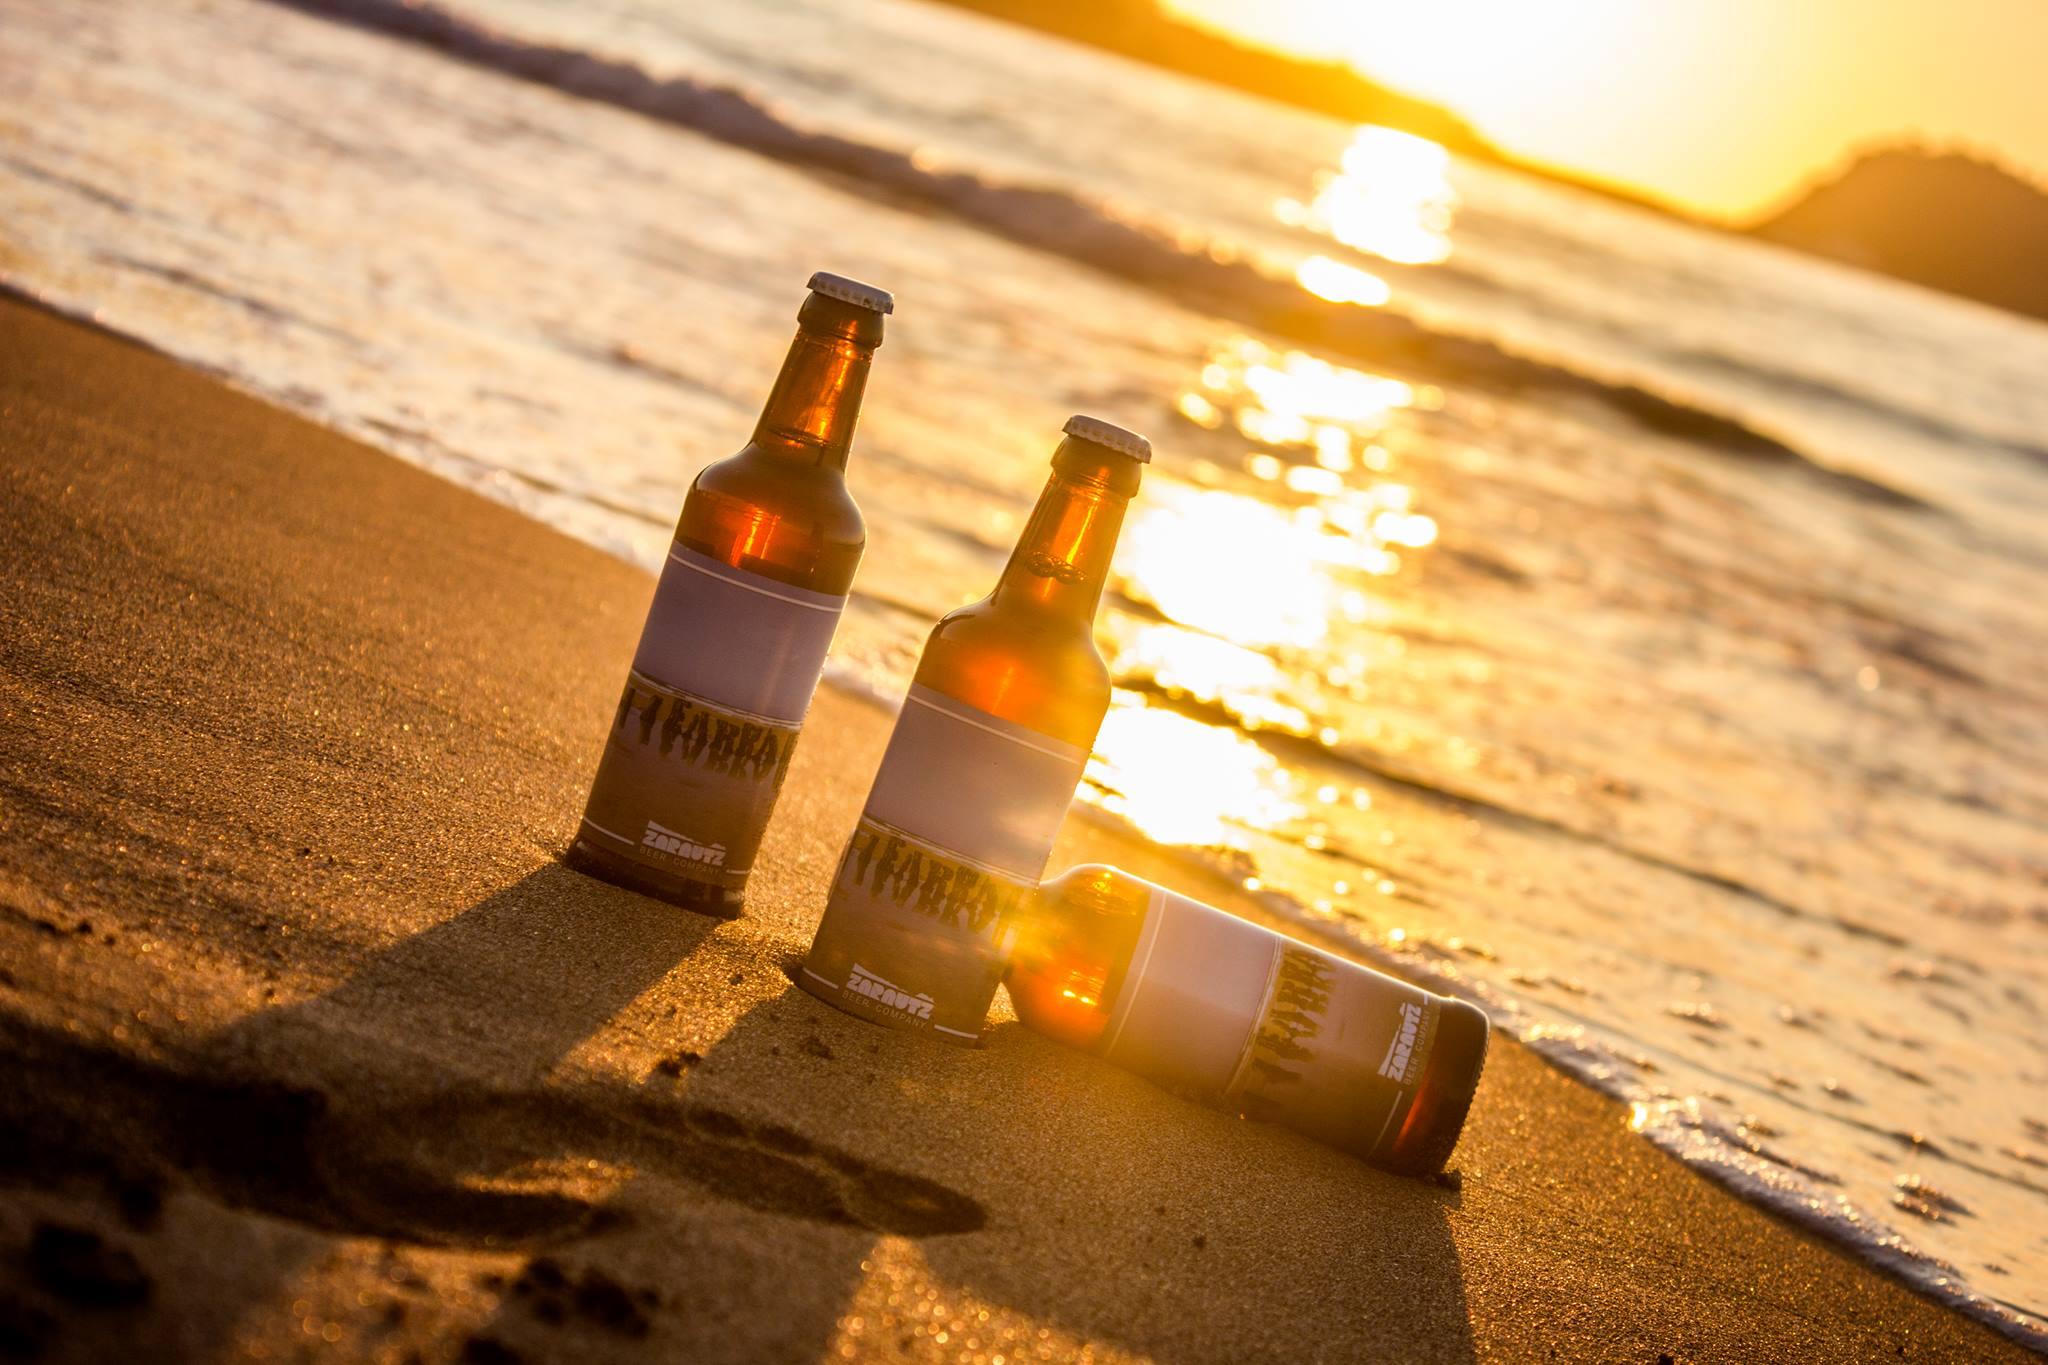 Cerveza artesana de Zarautz Beer Company